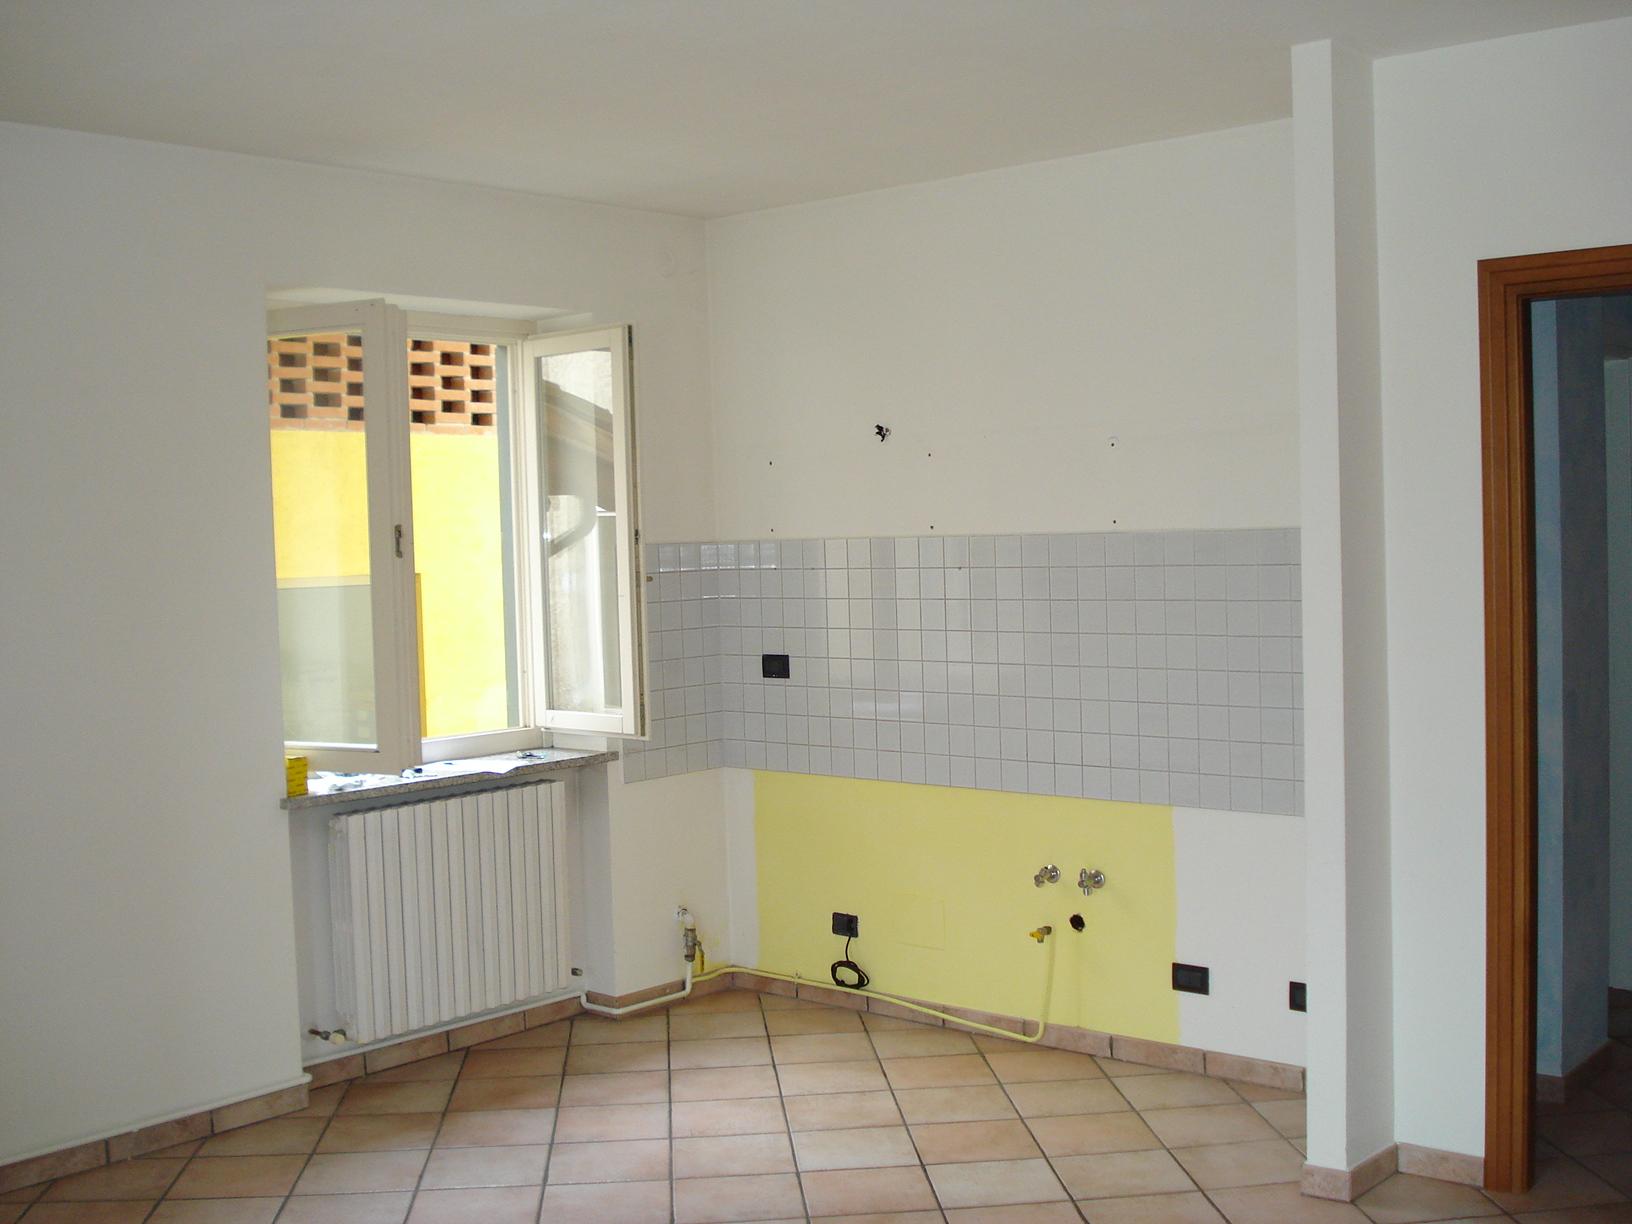 Appartamento in affitto a Andorno Micca, 1 locali, zona Zona: Cacciorna, prezzo € 280 | Cambio Casa.it